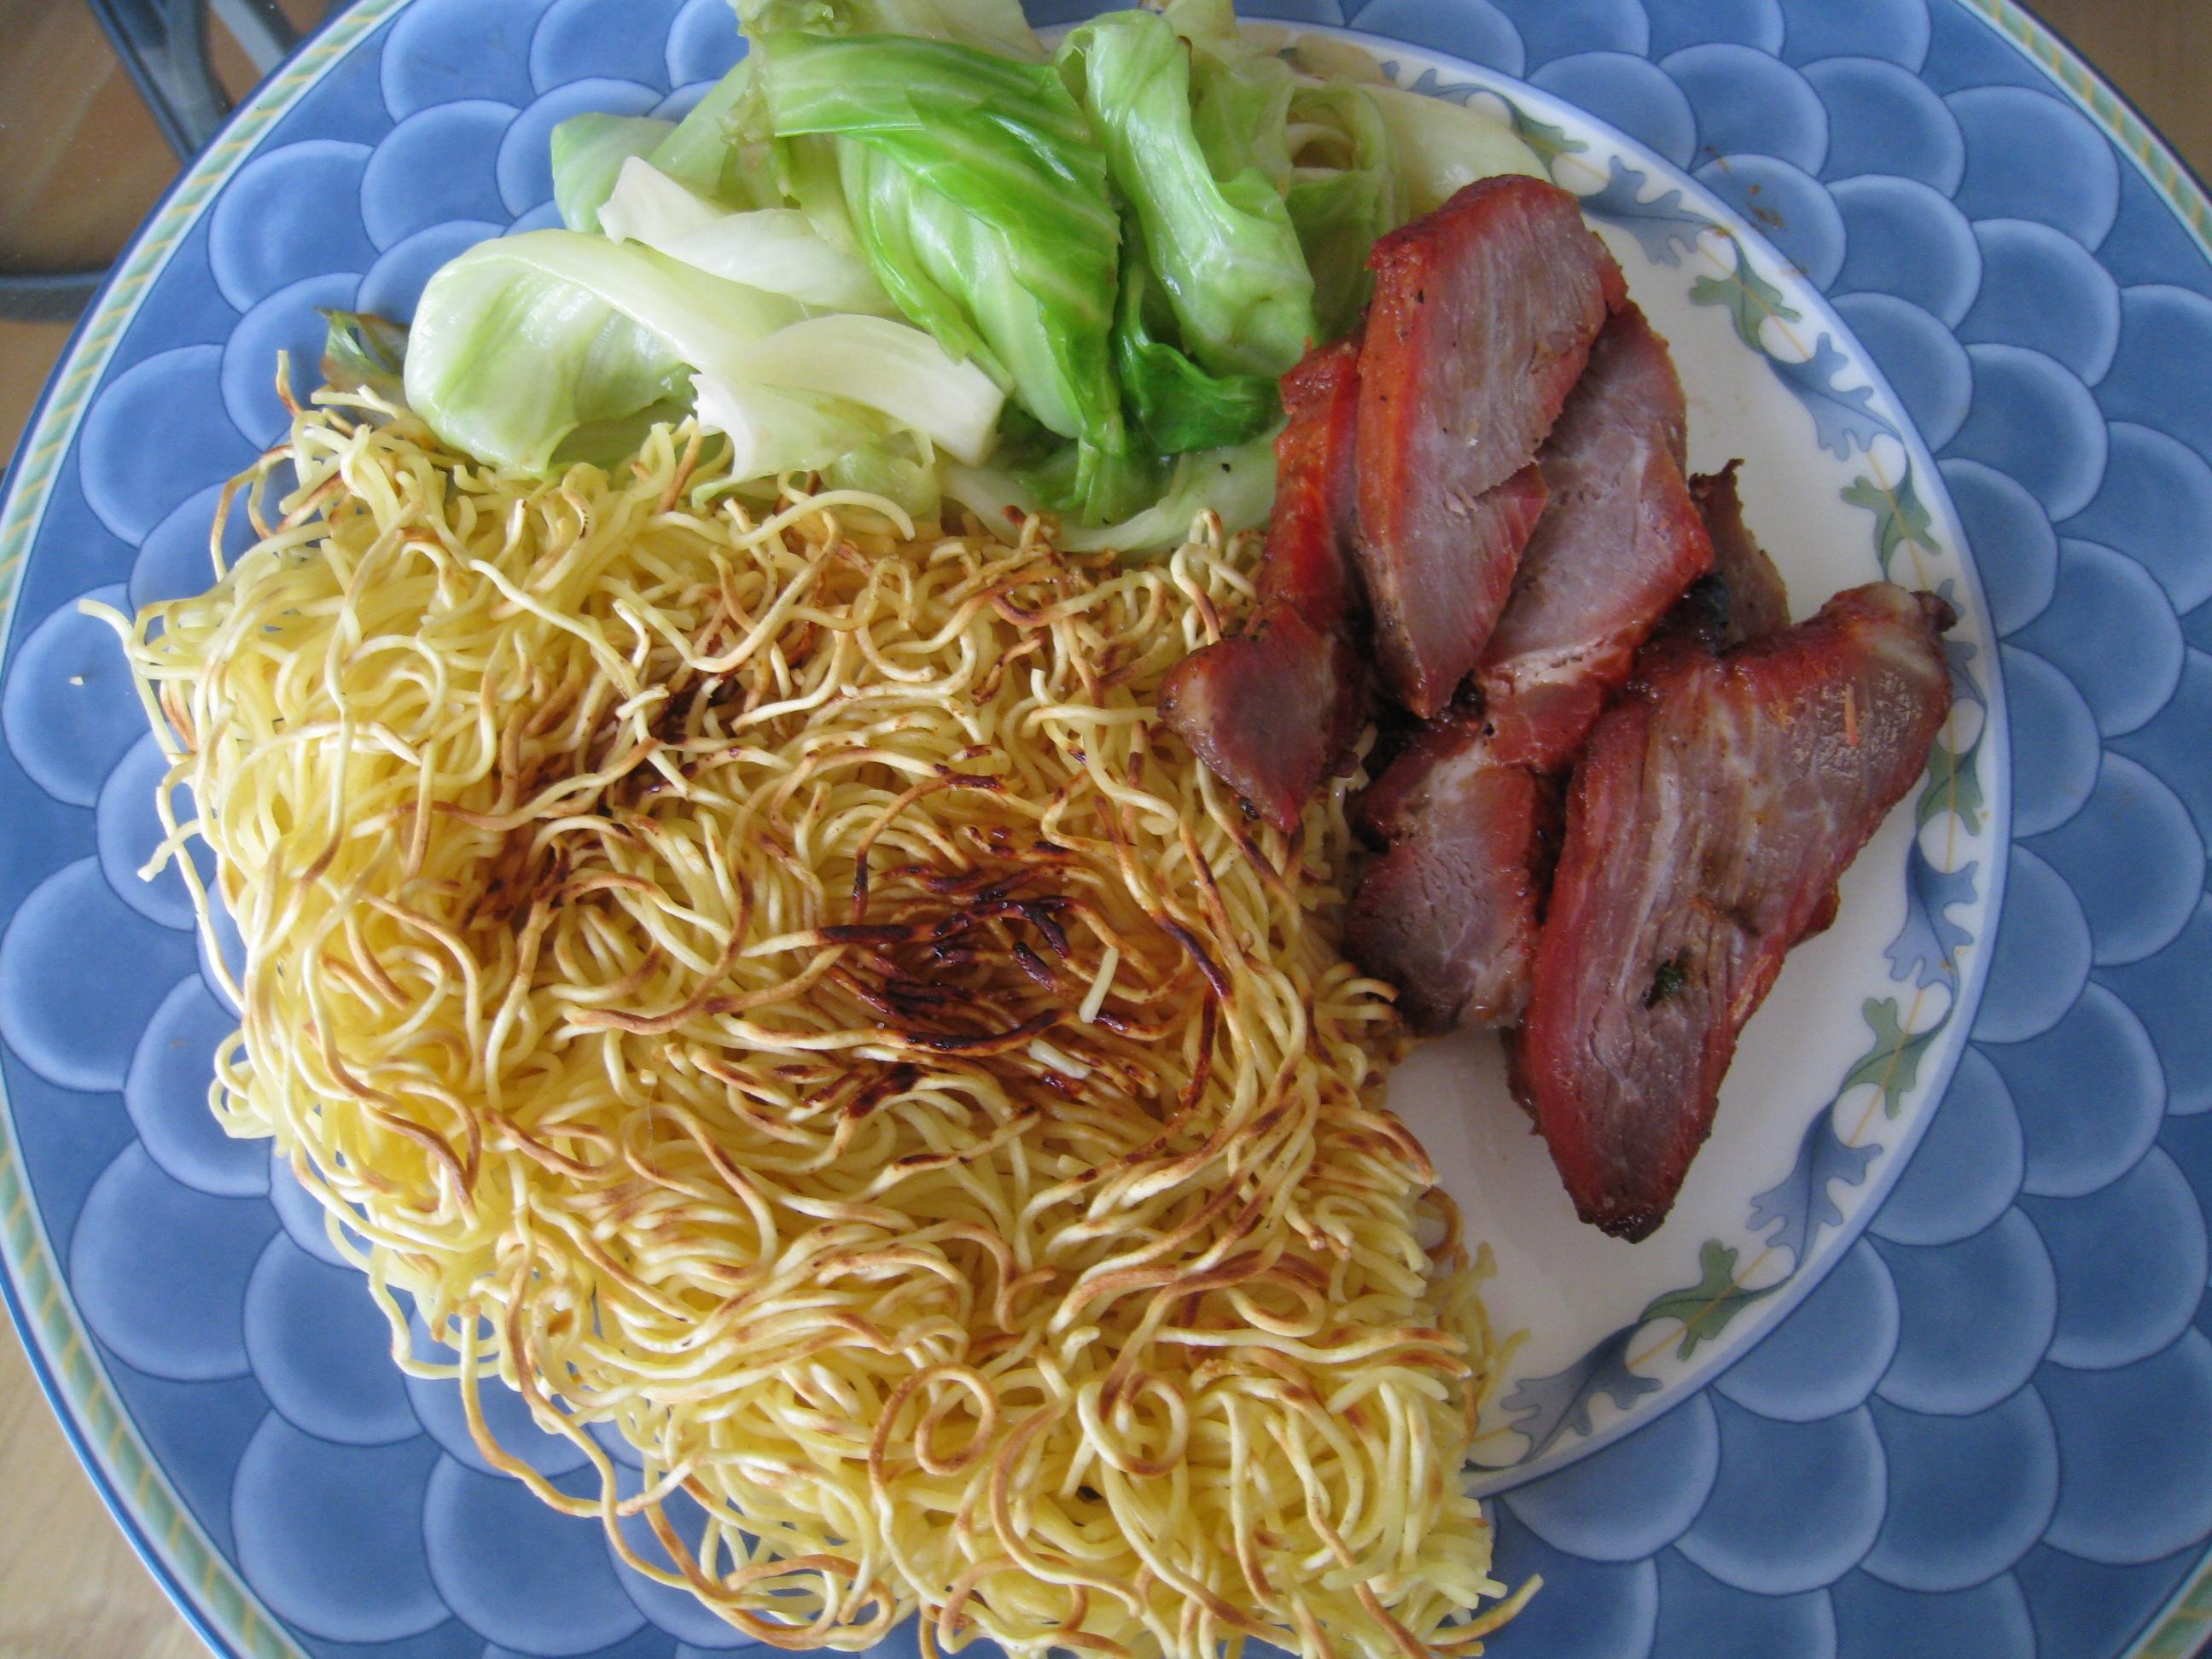 Asian noodles crunchy